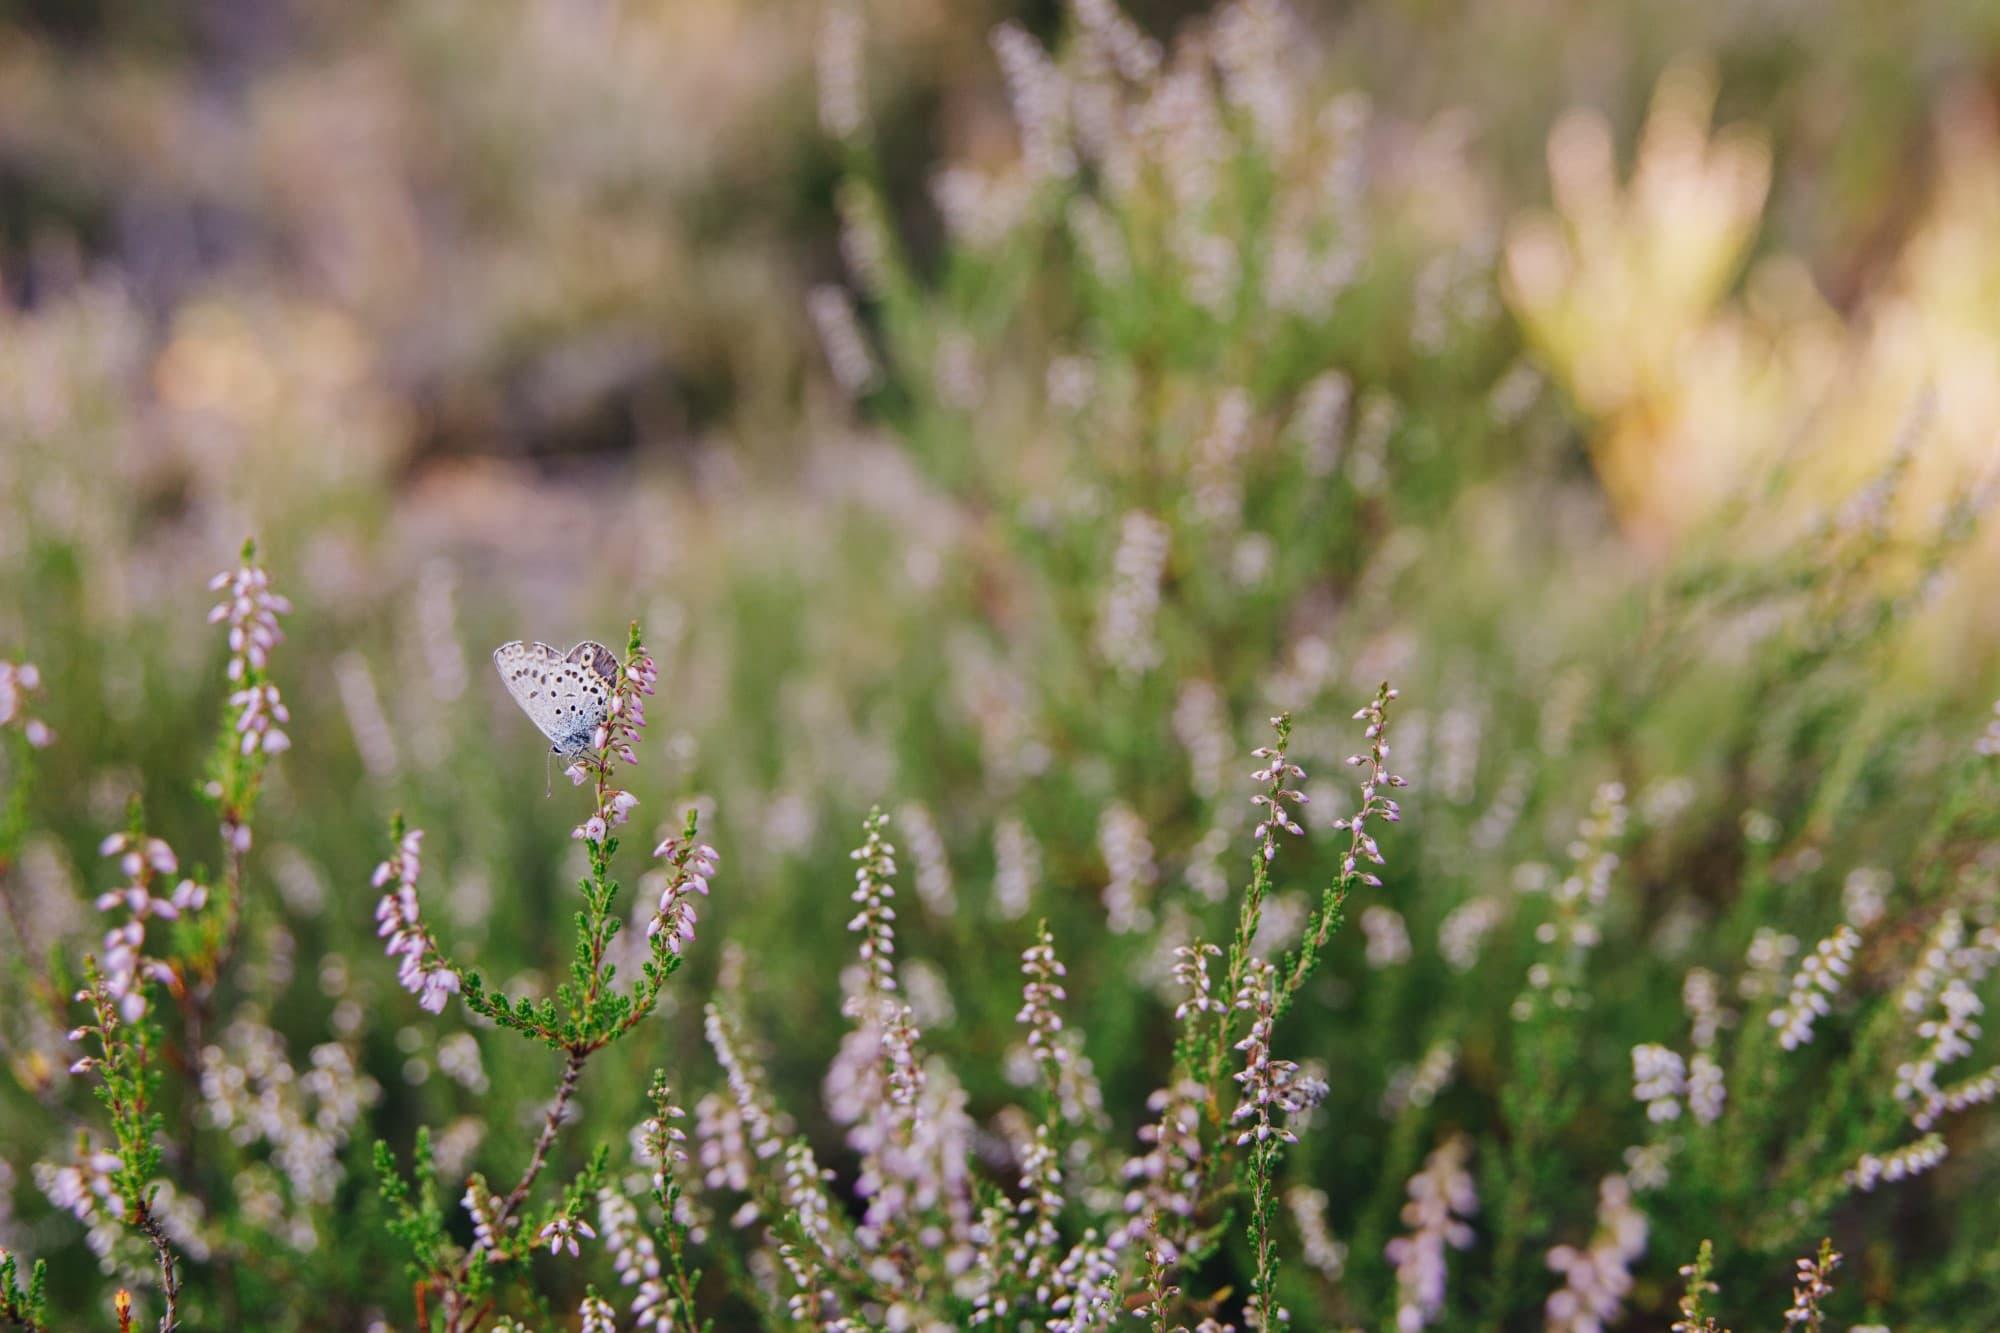 Fine-Art Print: Schmetterling